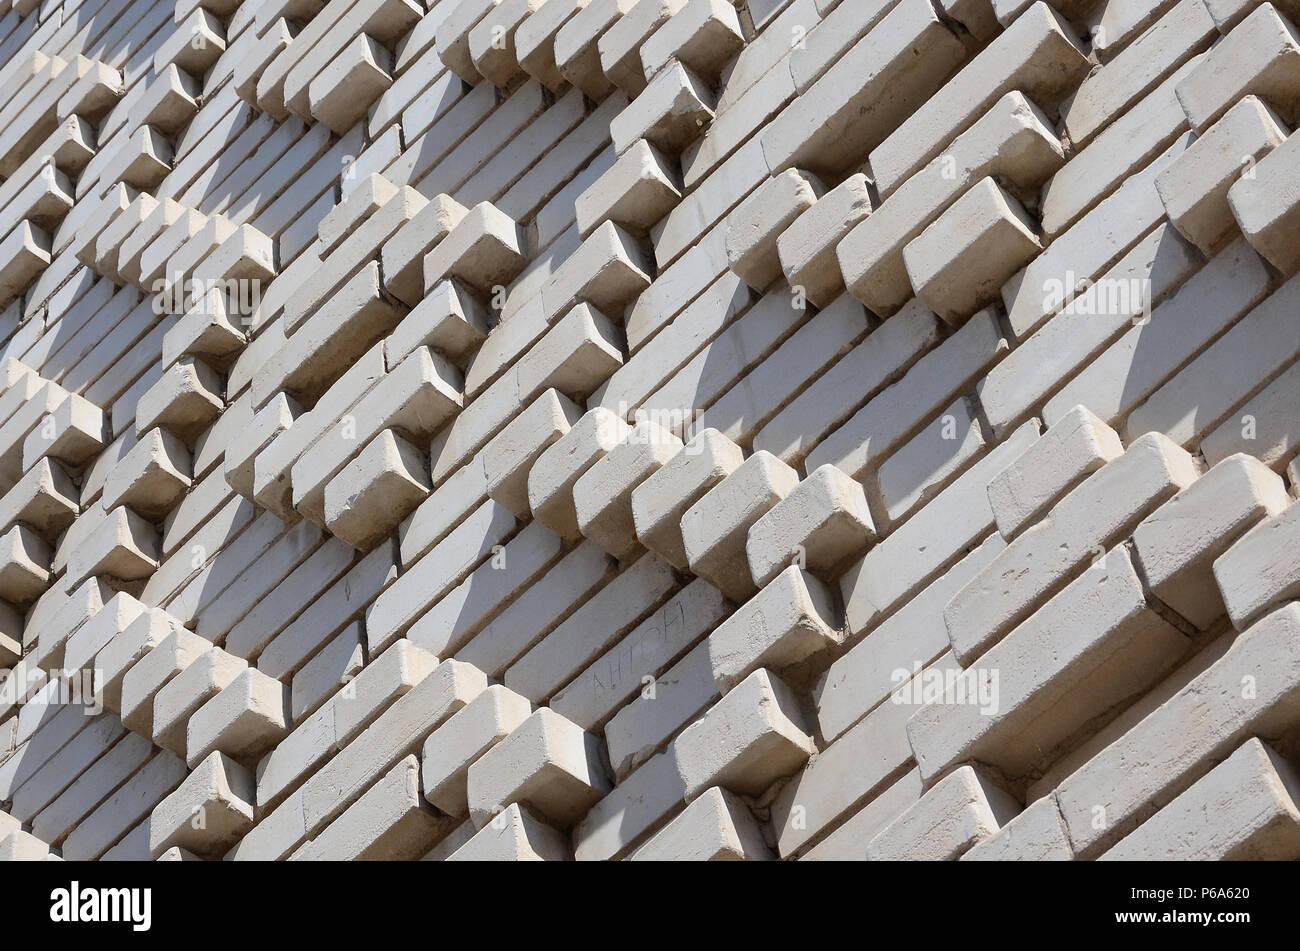 Ein Muster Der Weissen Steine In Form Von Rauten Dekoration Der